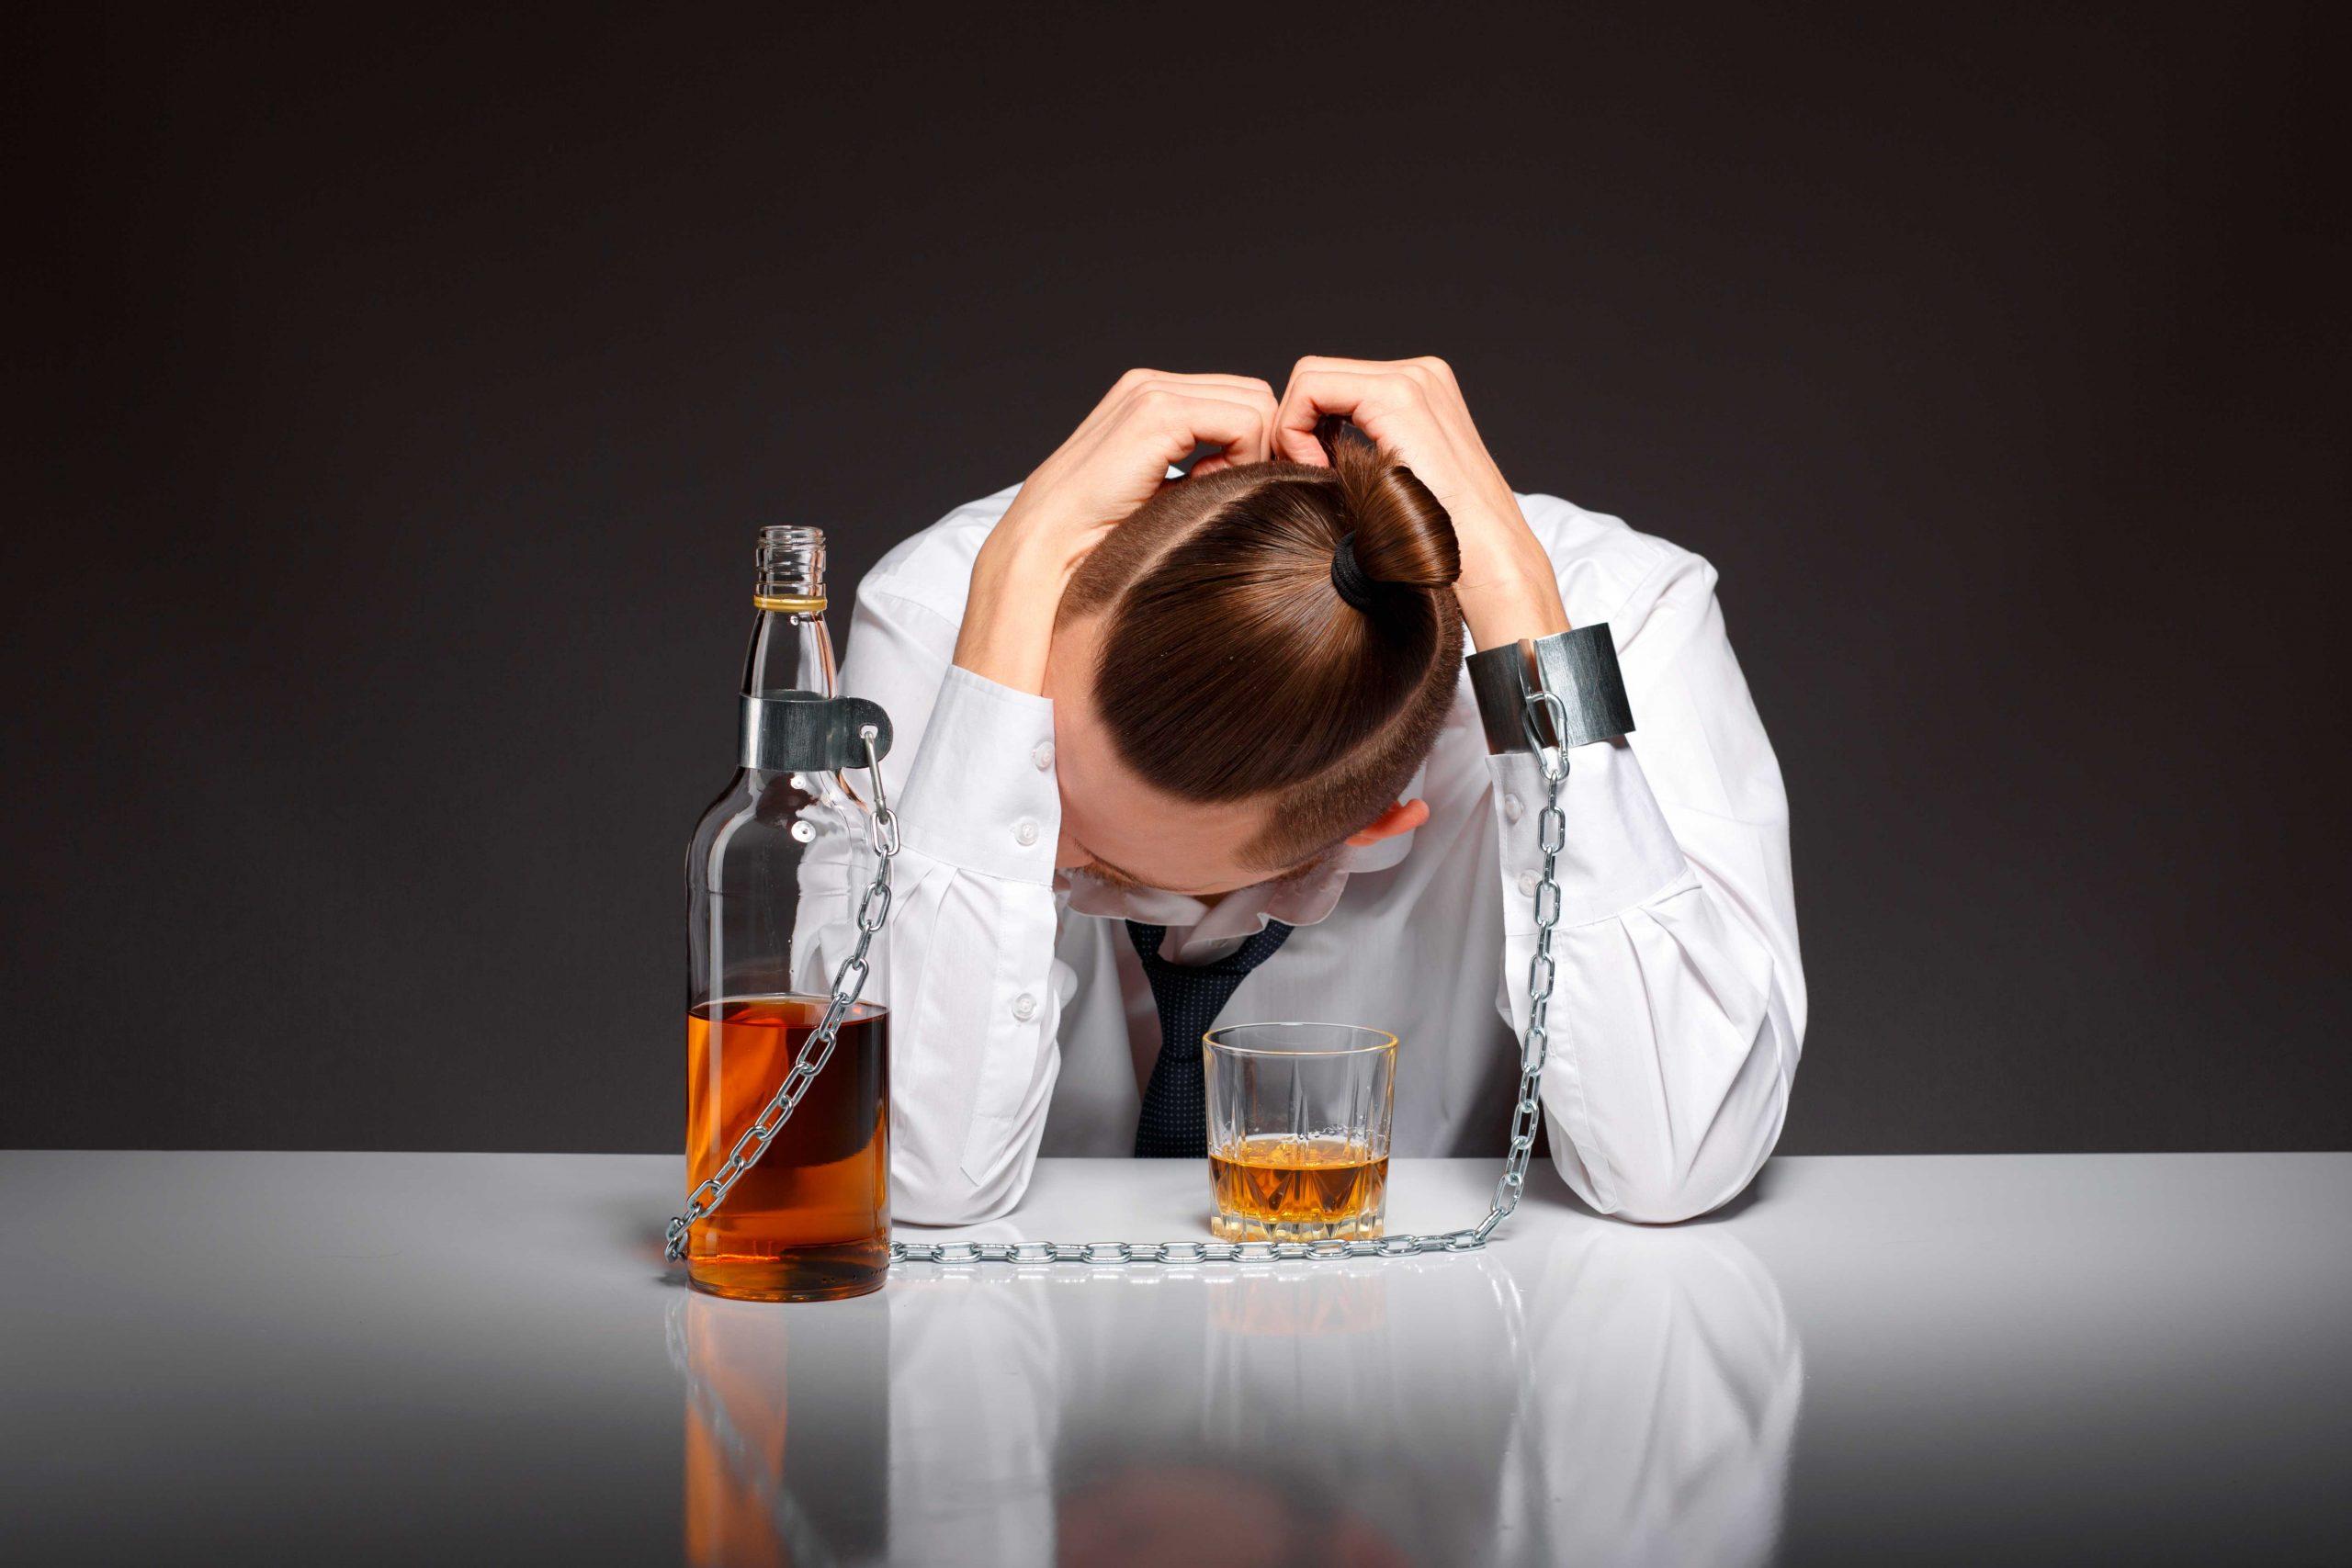 Методы вывода из запоя алкоголезависимых пациентов